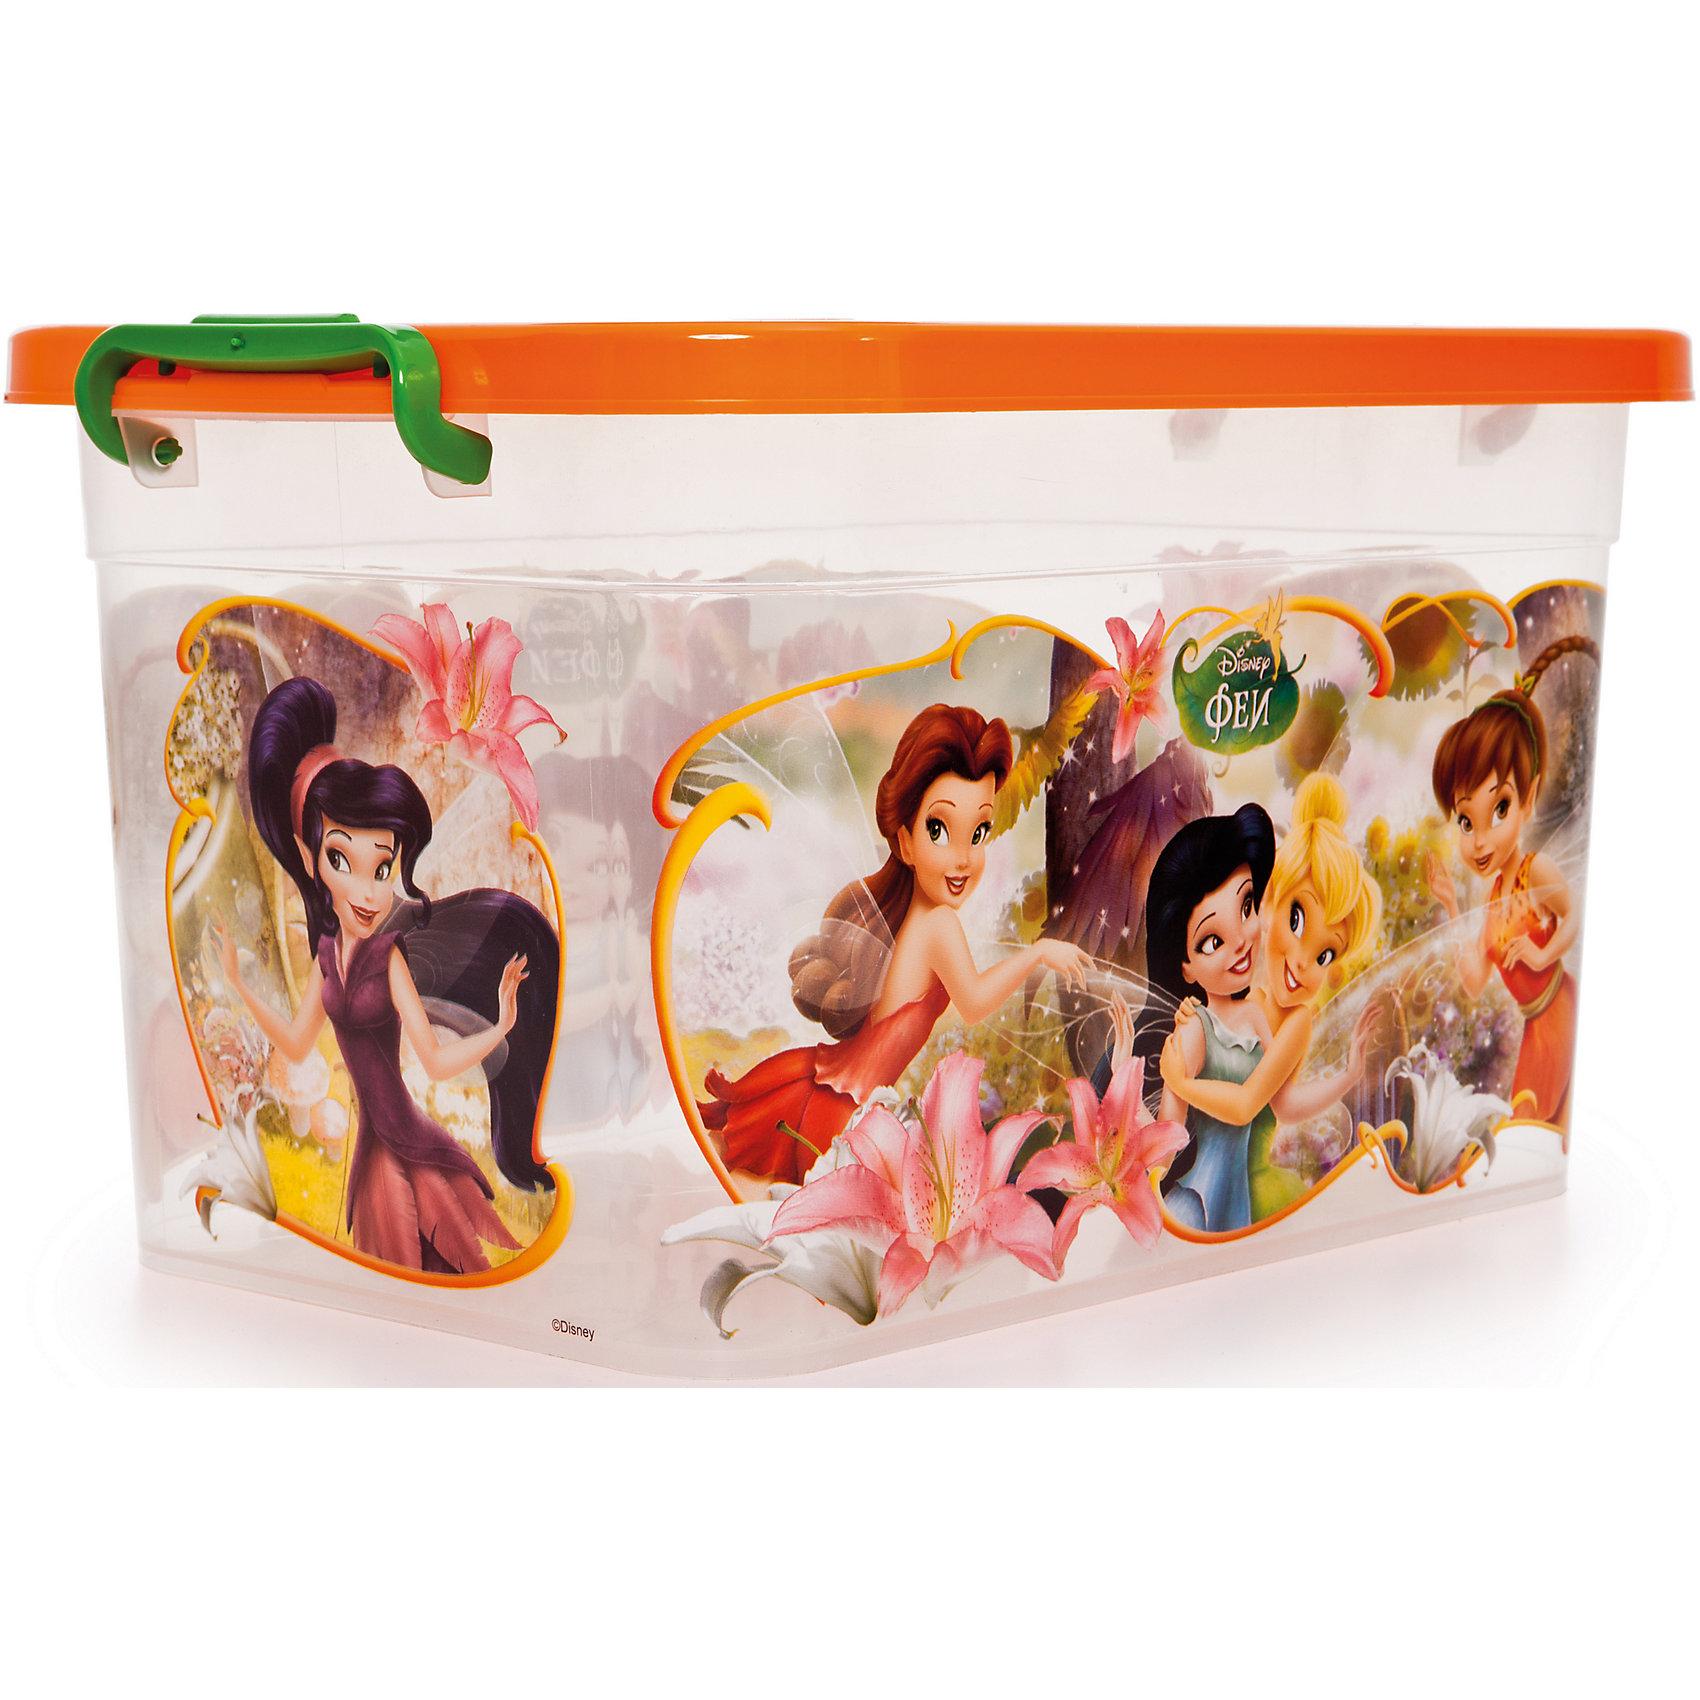 Ящик для игрушек Феи, 10лЯркий и удобный ящик с изображениями любимых героев обязательно понравится детям и приучит их к порядку. Ведь убирать вещи и игрушки в такой контейнер - одно удовольствие! Ящик выполнен из высококачественного прочного пластика, плотно закрывается, имеет удобную ручку для переноски. <br><br>Дополнительная информация:<br><br>- Материал: пластик.<br>- Размер: 35,5x23,5x19 см.<br>- Объем: 10 л.<br>- Удобная ручка наверху. <br><br>Ящик для игрушек Феи, 10л, можно купить в нашем магазине.<br><br>Ширина мм: 355<br>Глубина мм: 325<br>Высота мм: 190<br>Вес г: 250<br>Возраст от месяцев: 12<br>Возраст до месяцев: 120<br>Пол: Унисекс<br>Возраст: Детский<br>SKU: 4718440